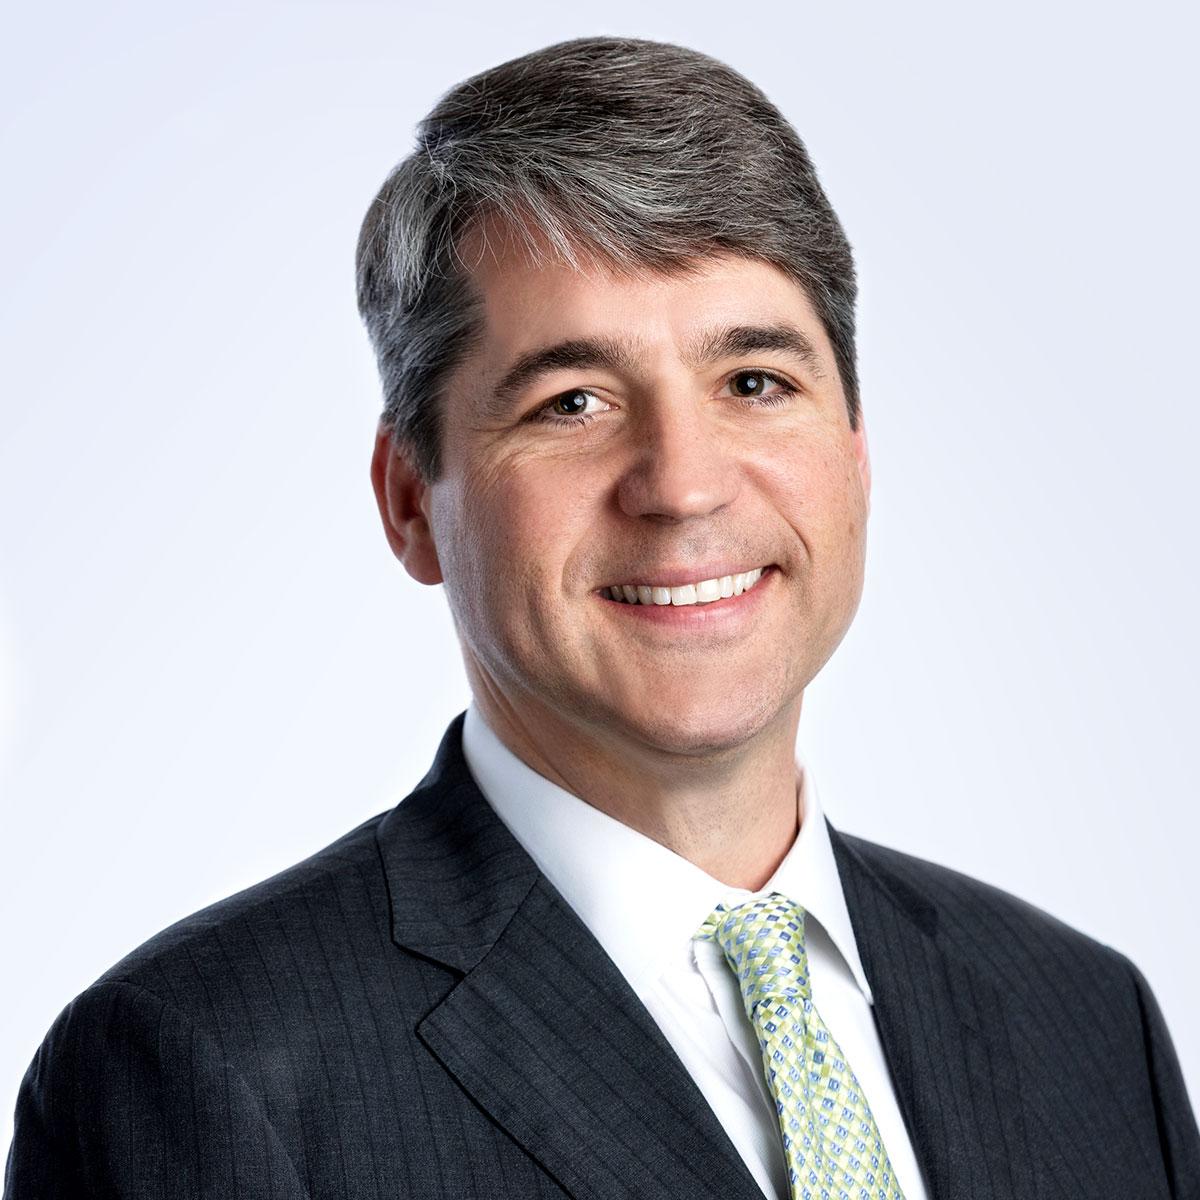 CHARLIE COLVIN - CCIM - President